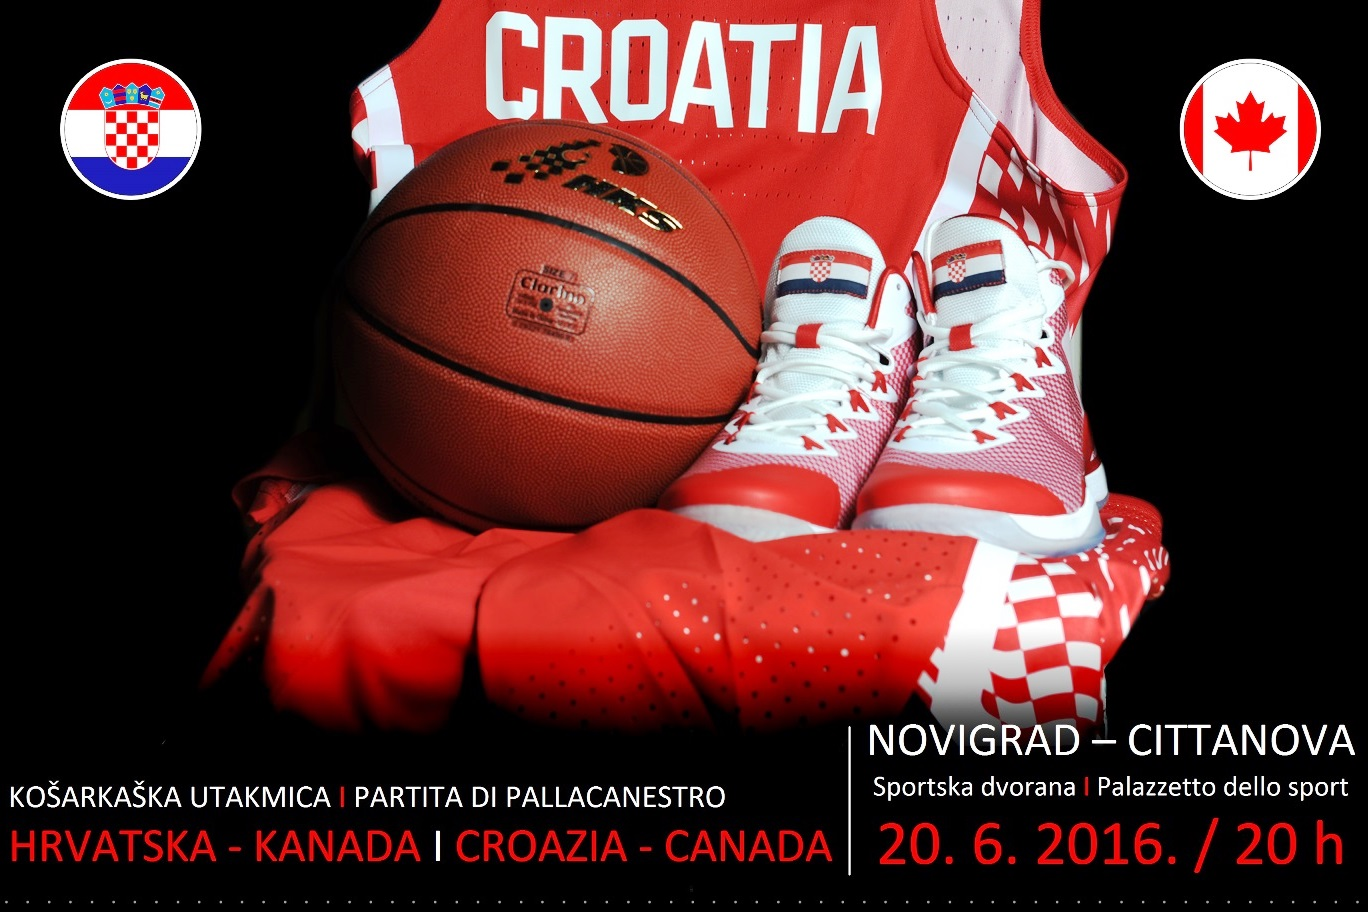 http://www.novigrad.hr/kosharkashki_spektakl_u_novigradskoj_sportskoj_dvorani